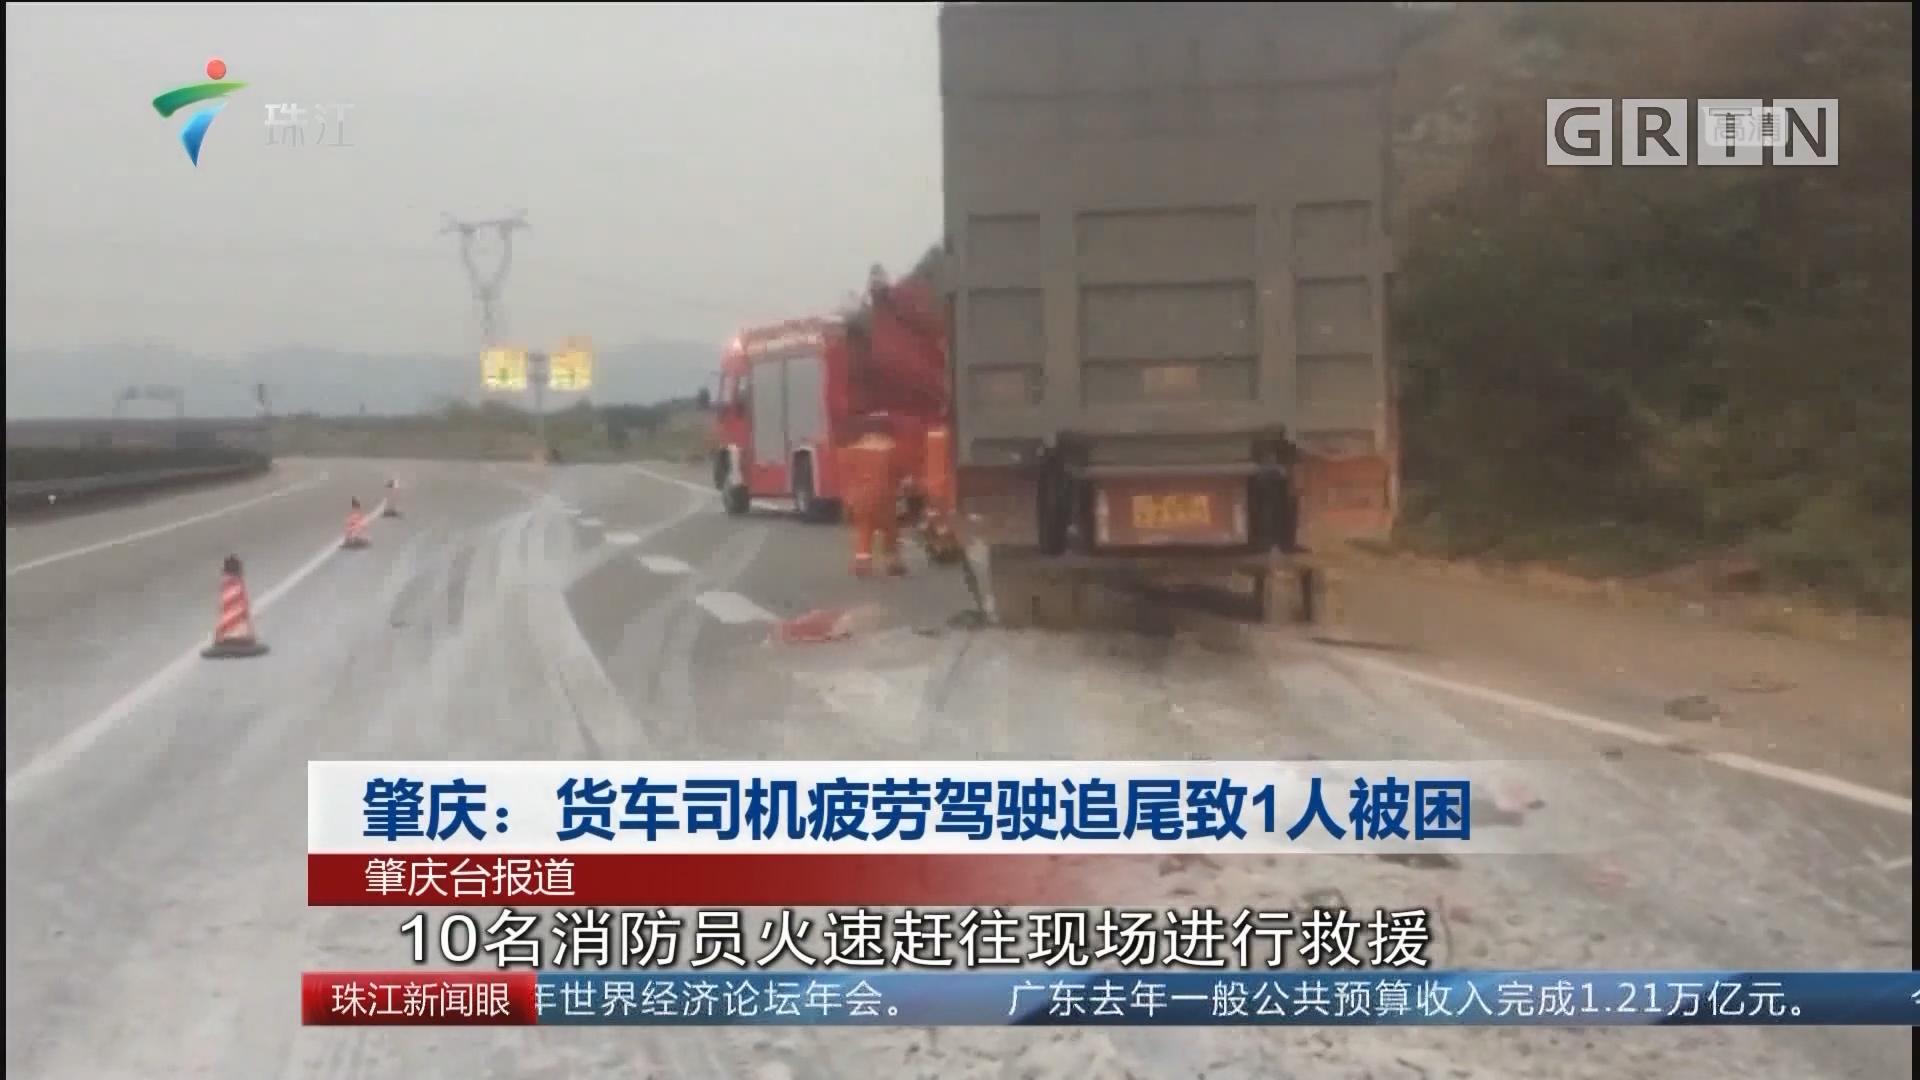 肇庆:货车司机疲劳驾驶追尾致1人被困